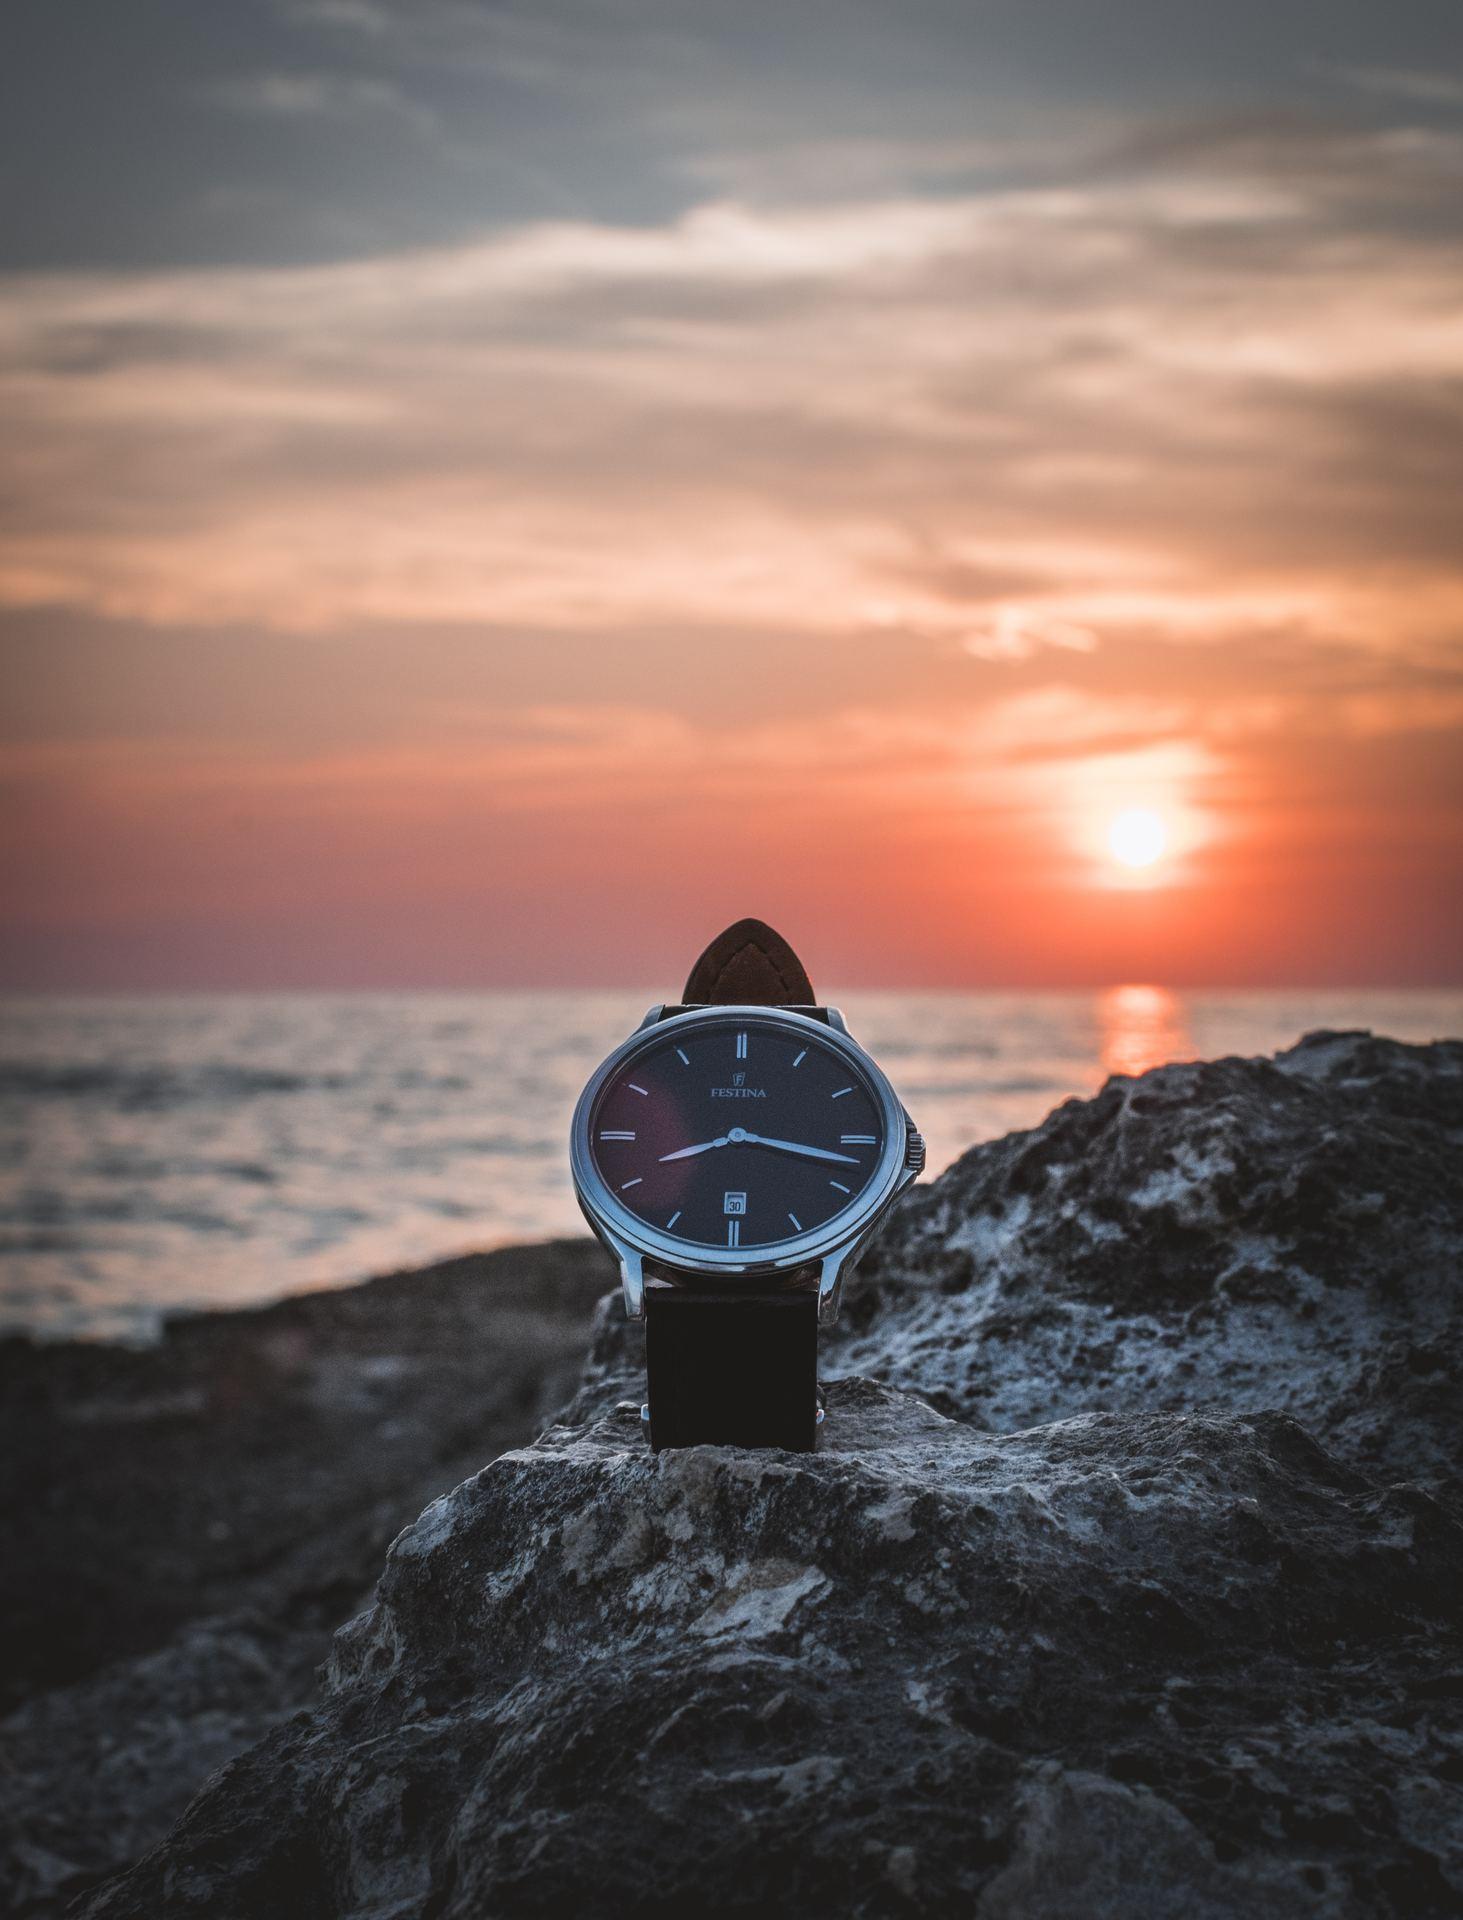 Laga din klocka